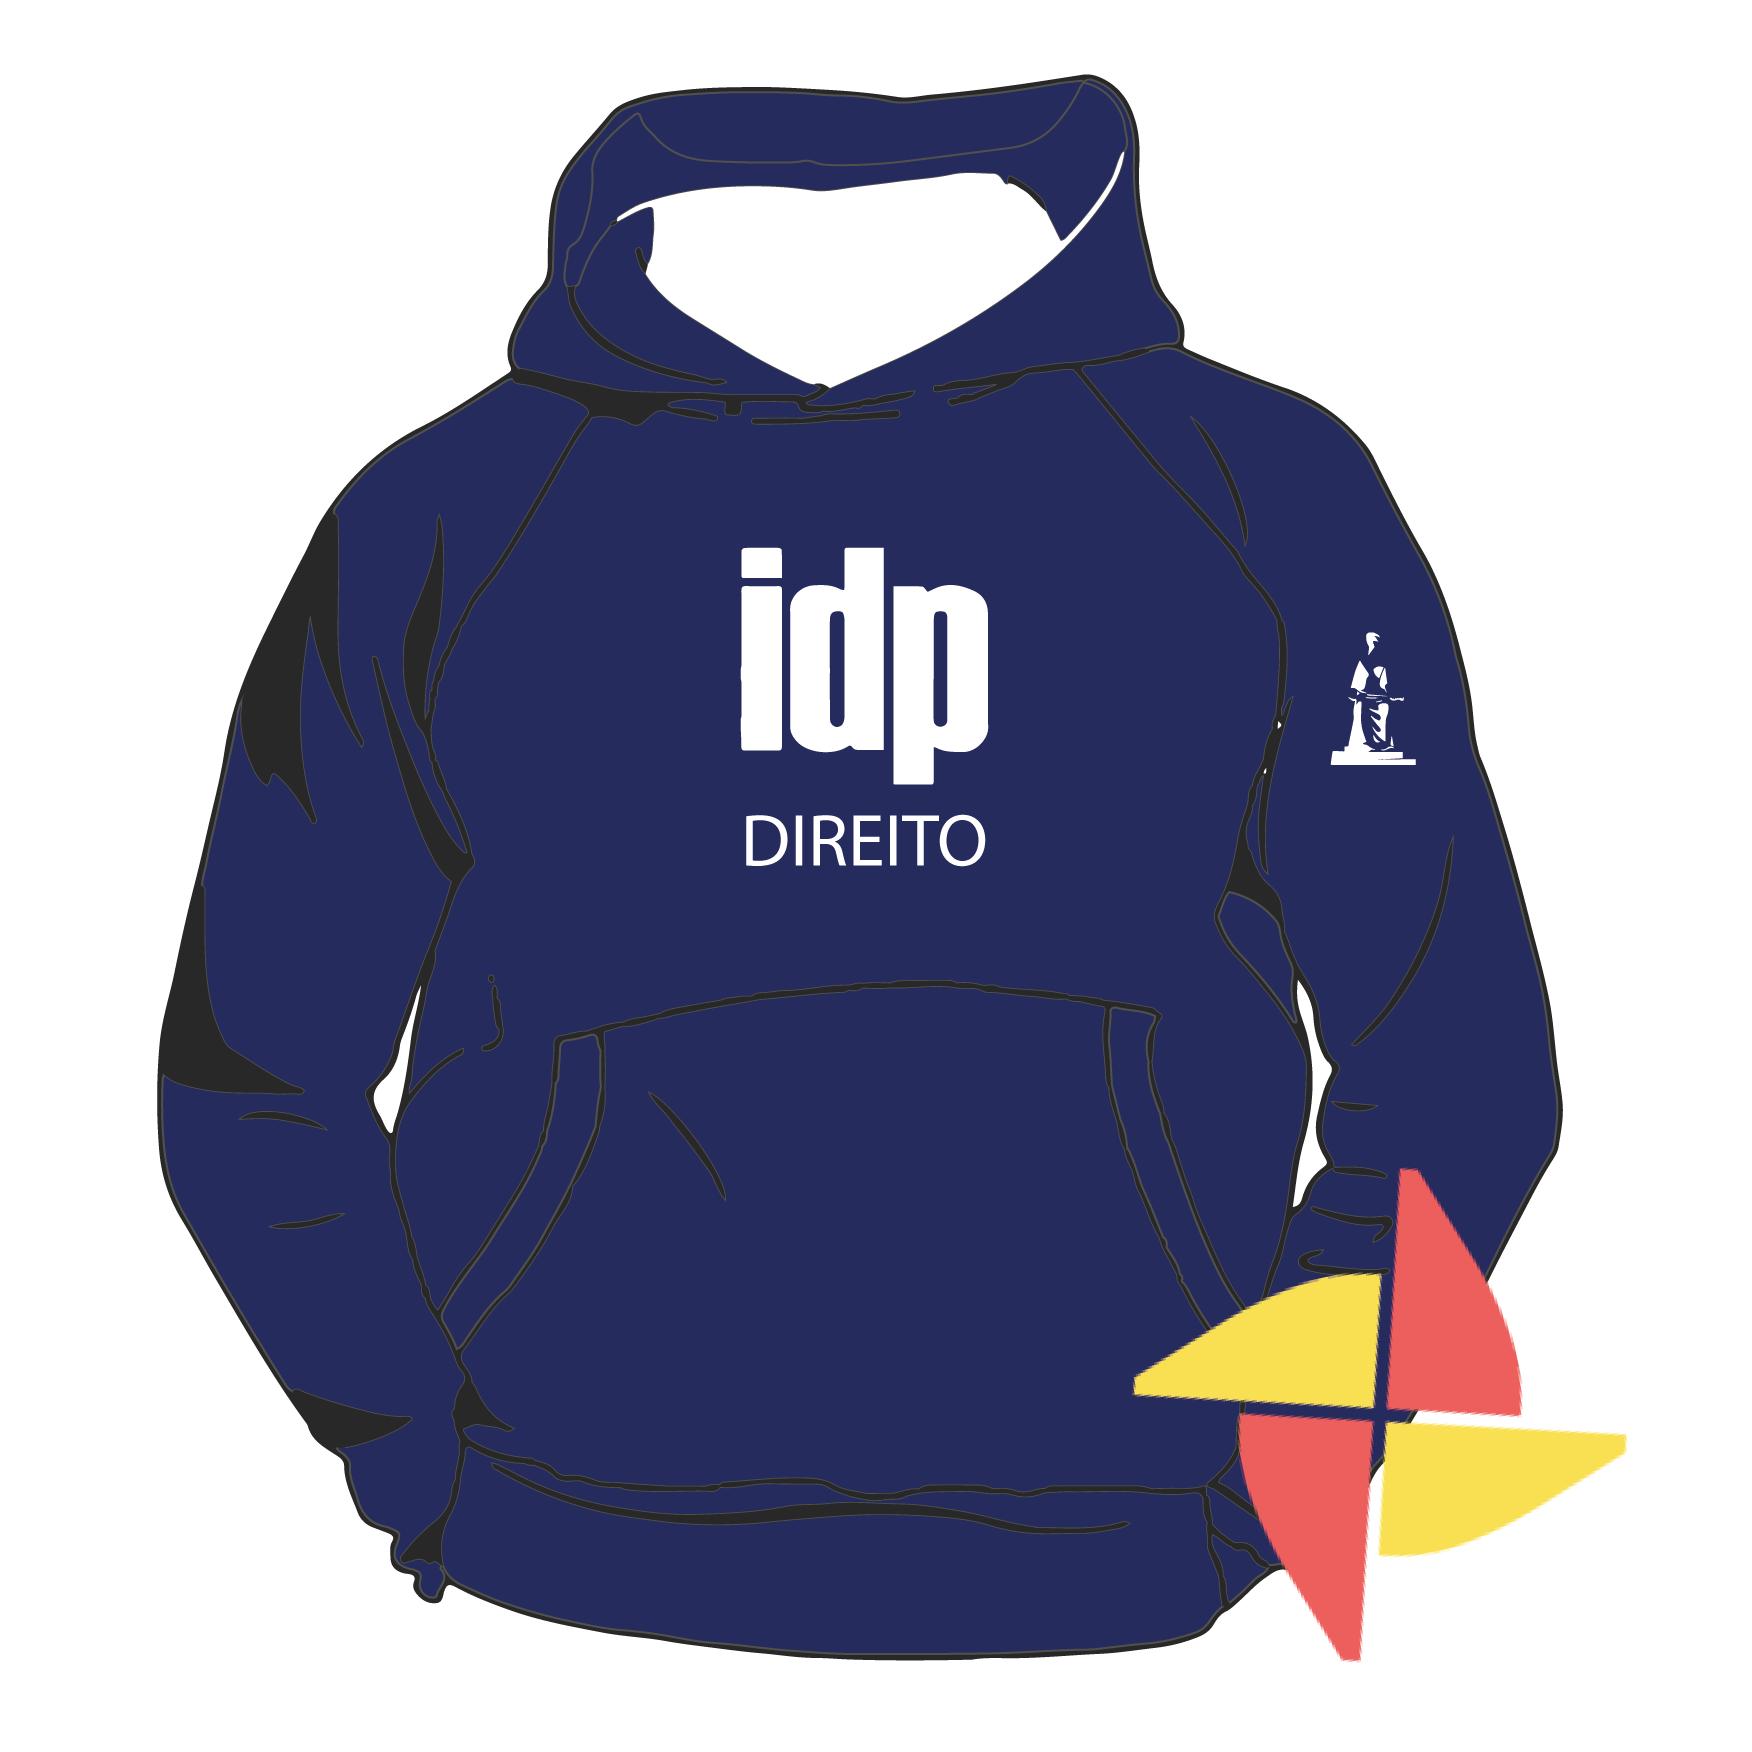 DIREITO IDP